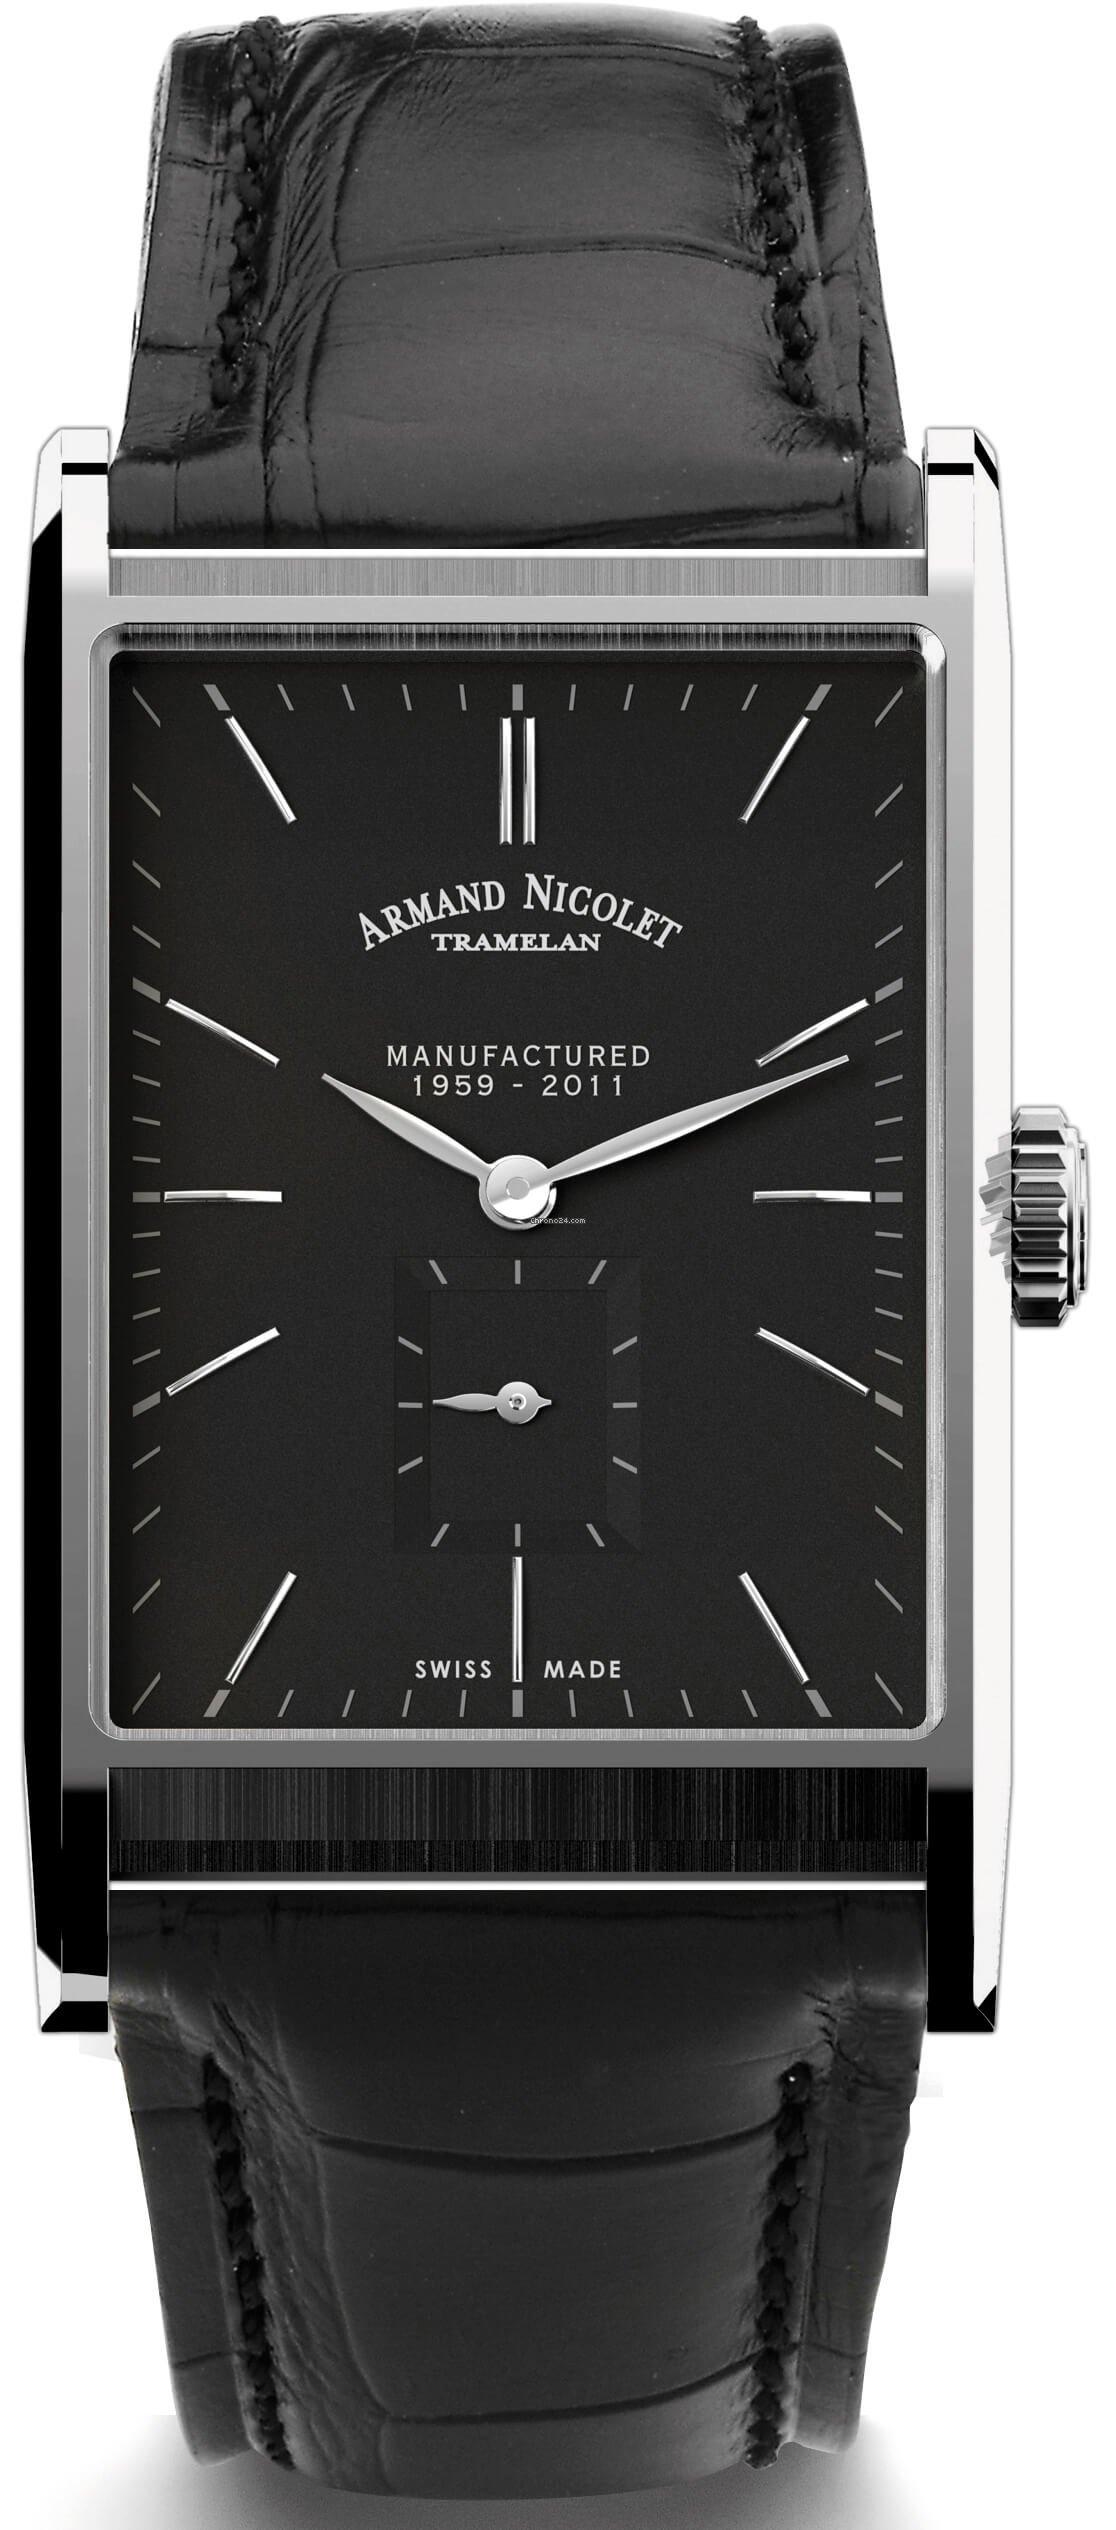 96942de9d Armand Nicolet L11 Small Seconds Limited Edition 9680A-NR-P680NR4 en venta  por 5.300 € por parte de un Seller de Chrono24